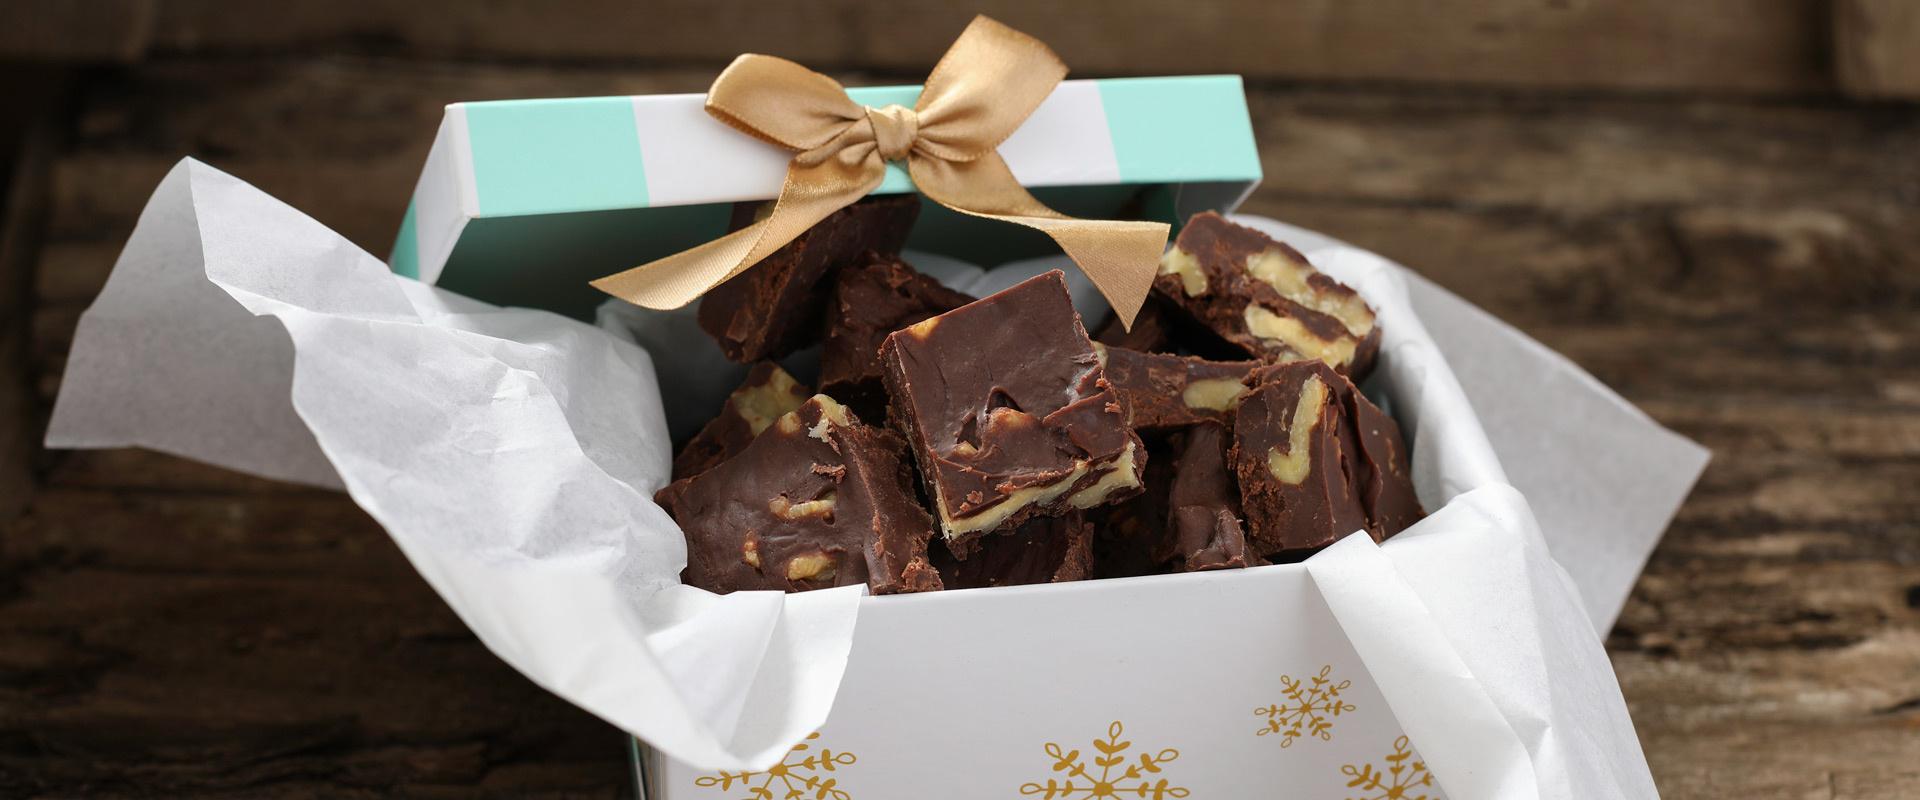 csokisfudge